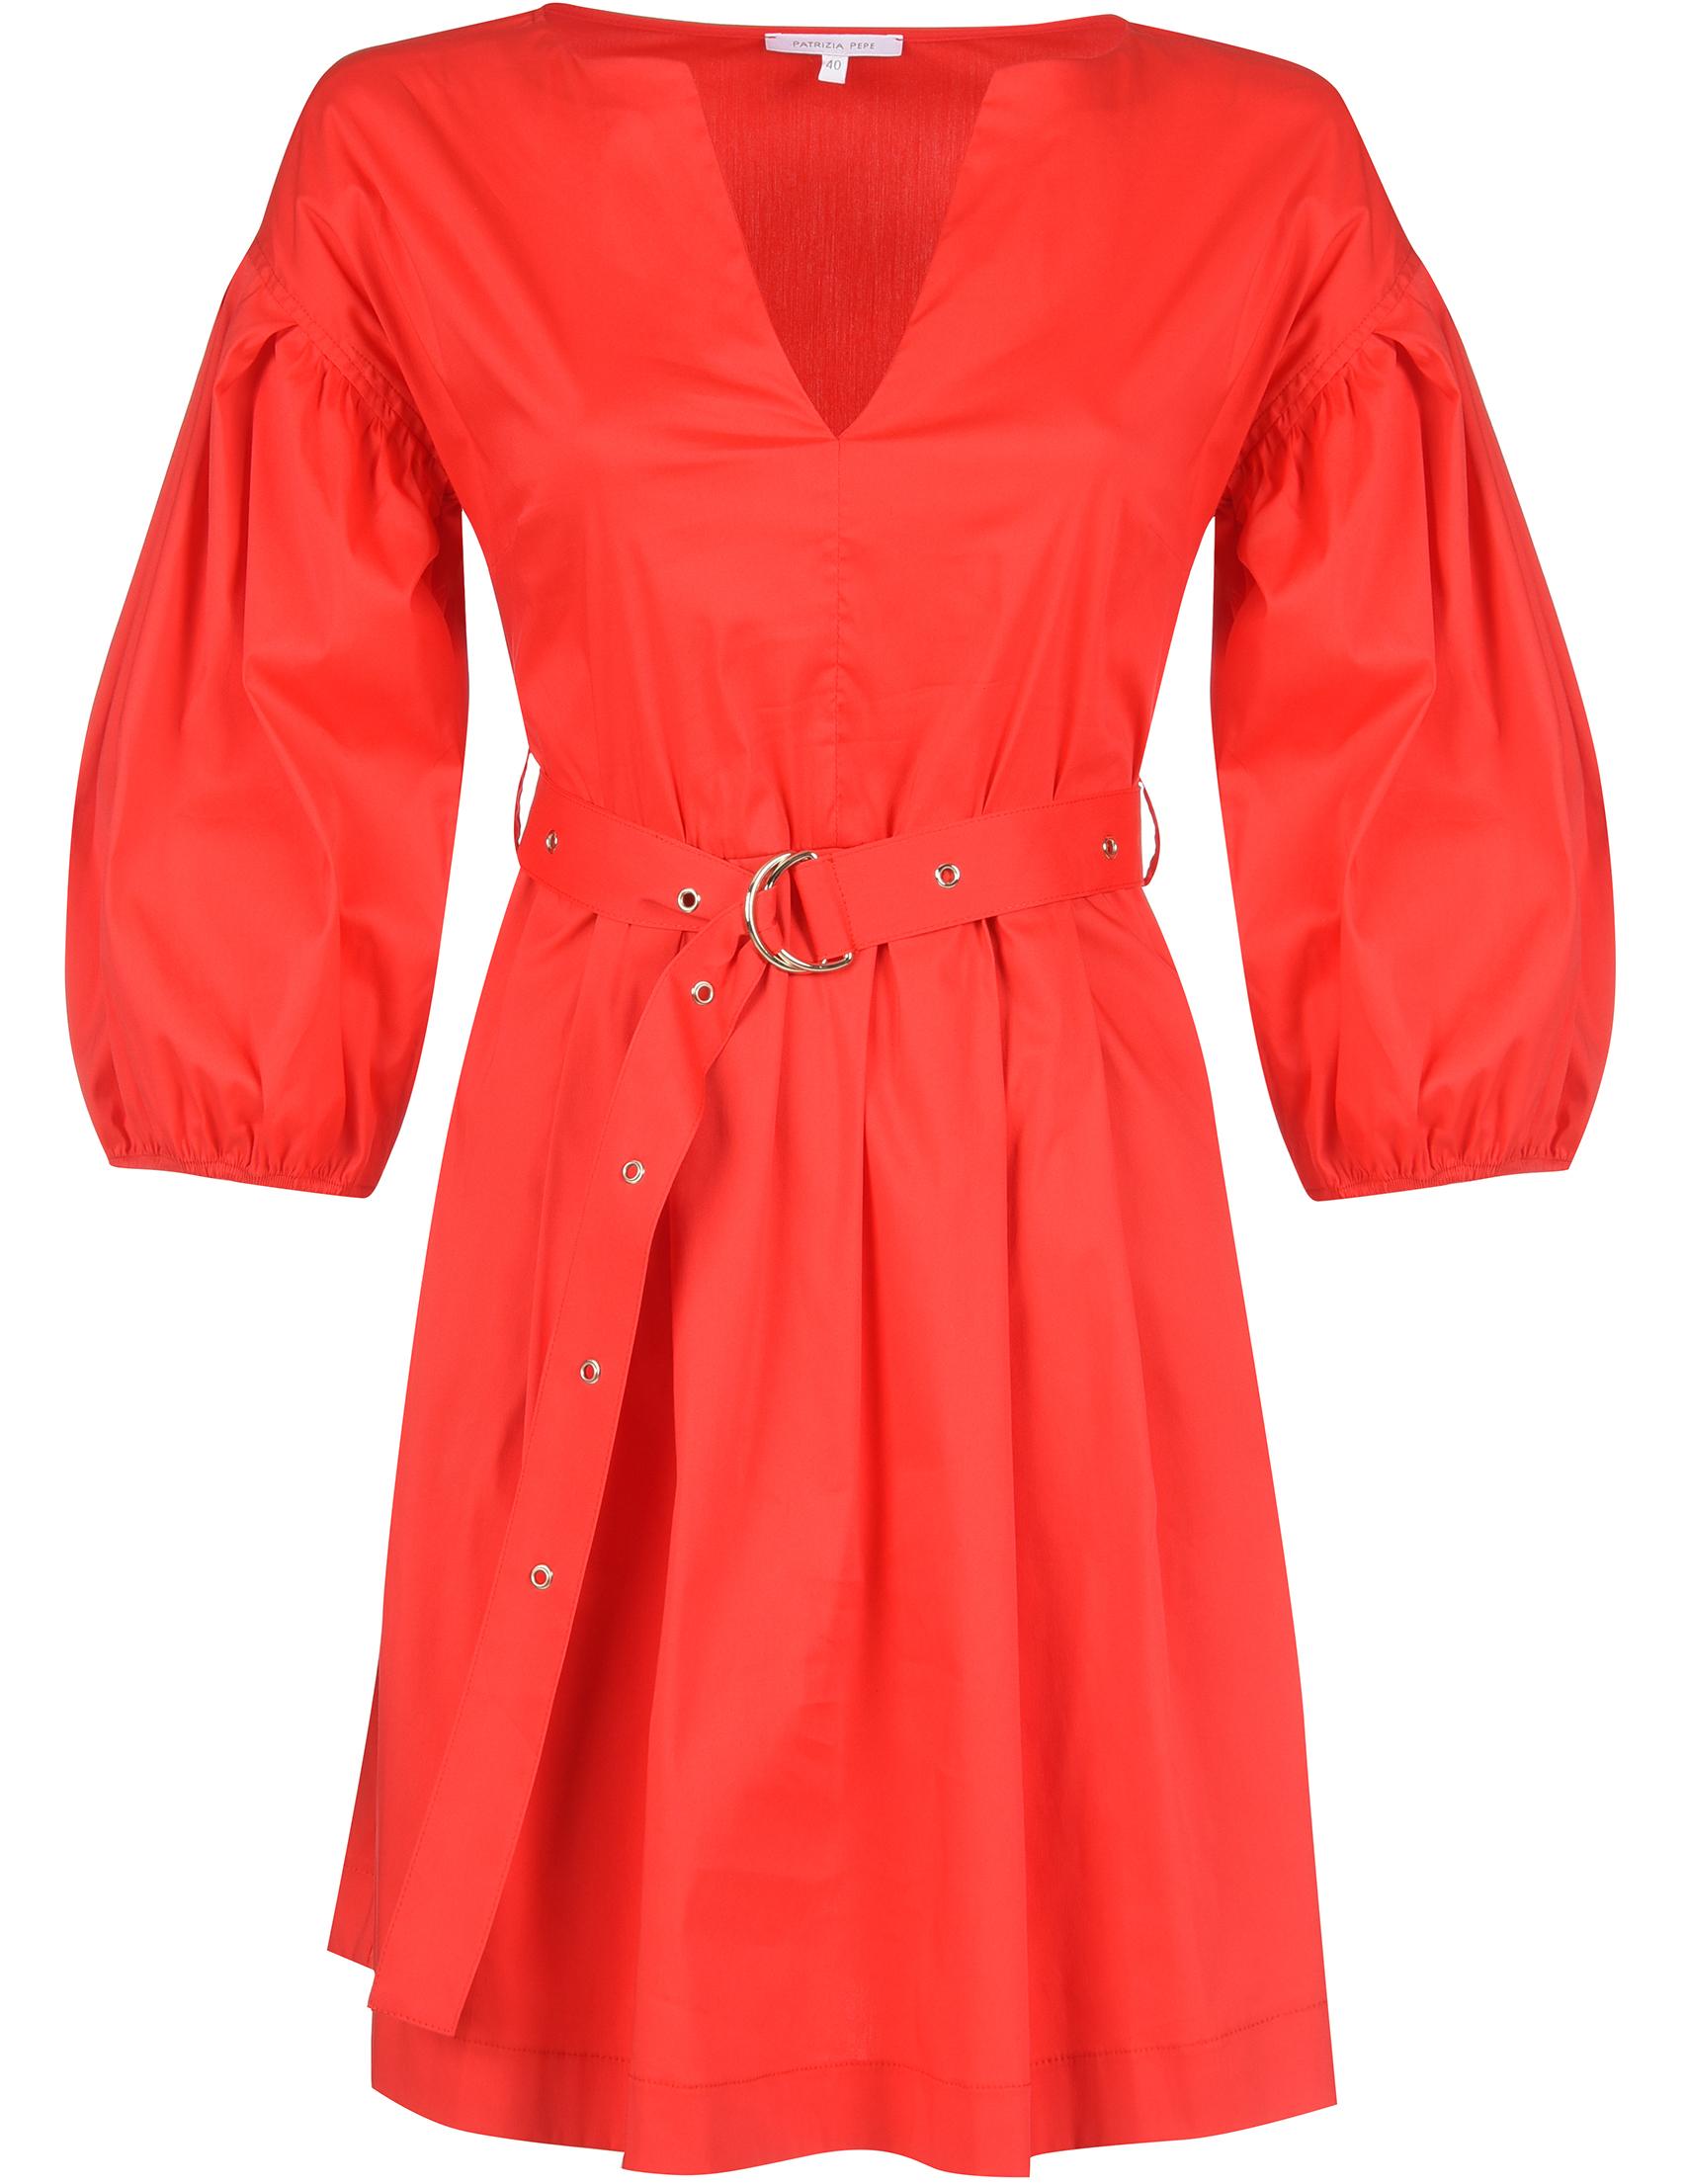 Купить Платье, PATRIZIA PEPE, Красный, 46%Хлопок 4%Эластан 50%Полиамид, Весна-Лето